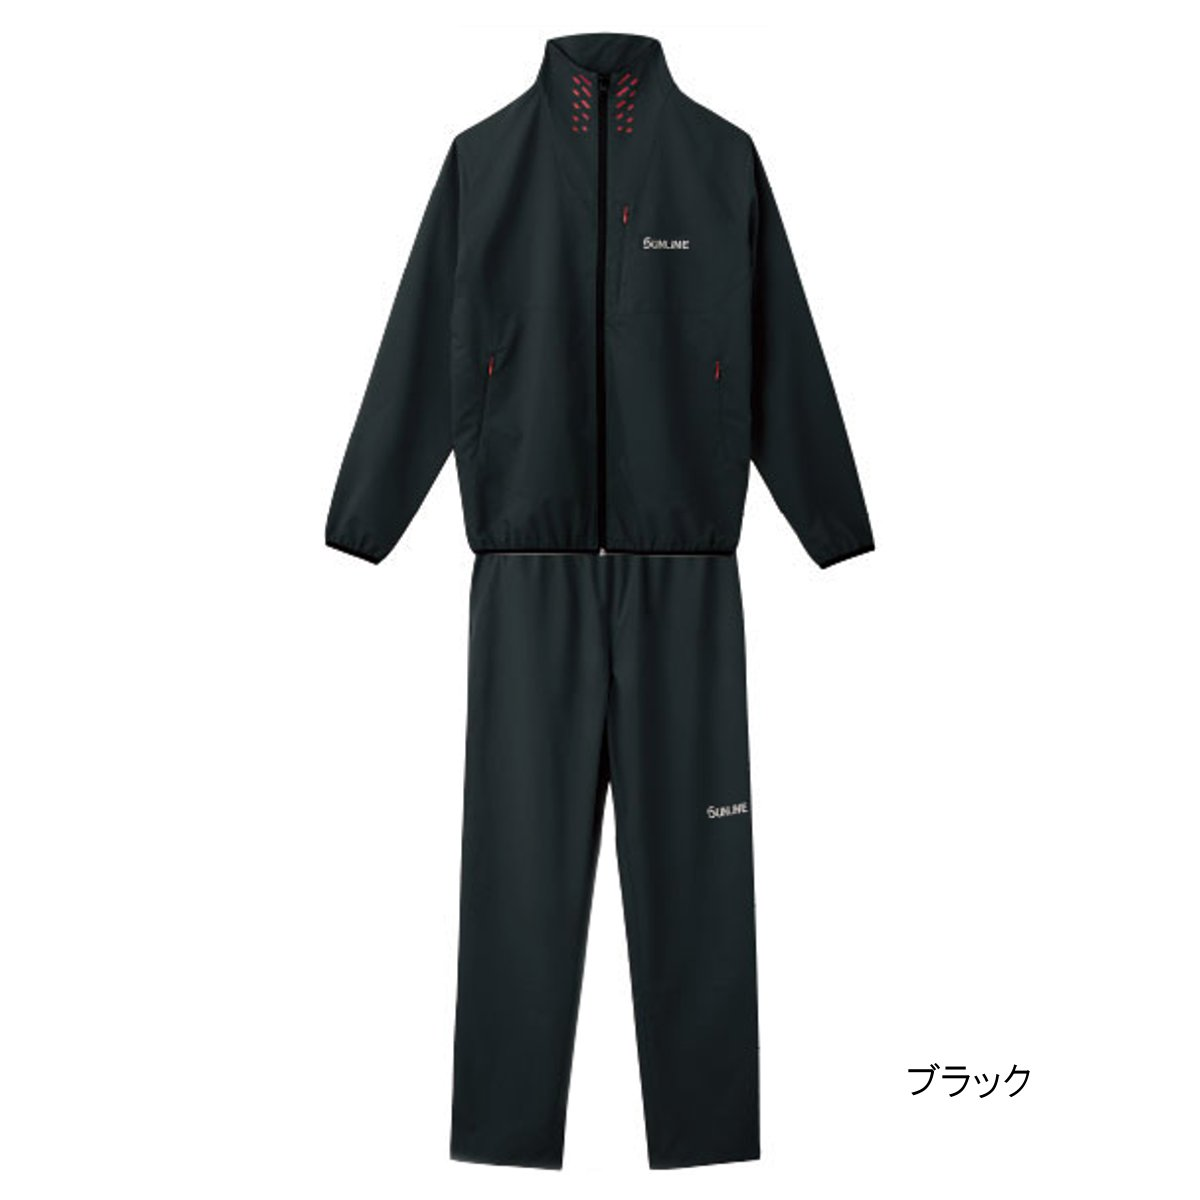 ライトストレッチスーツ SUW-3226 LL ブラック【送料無料】